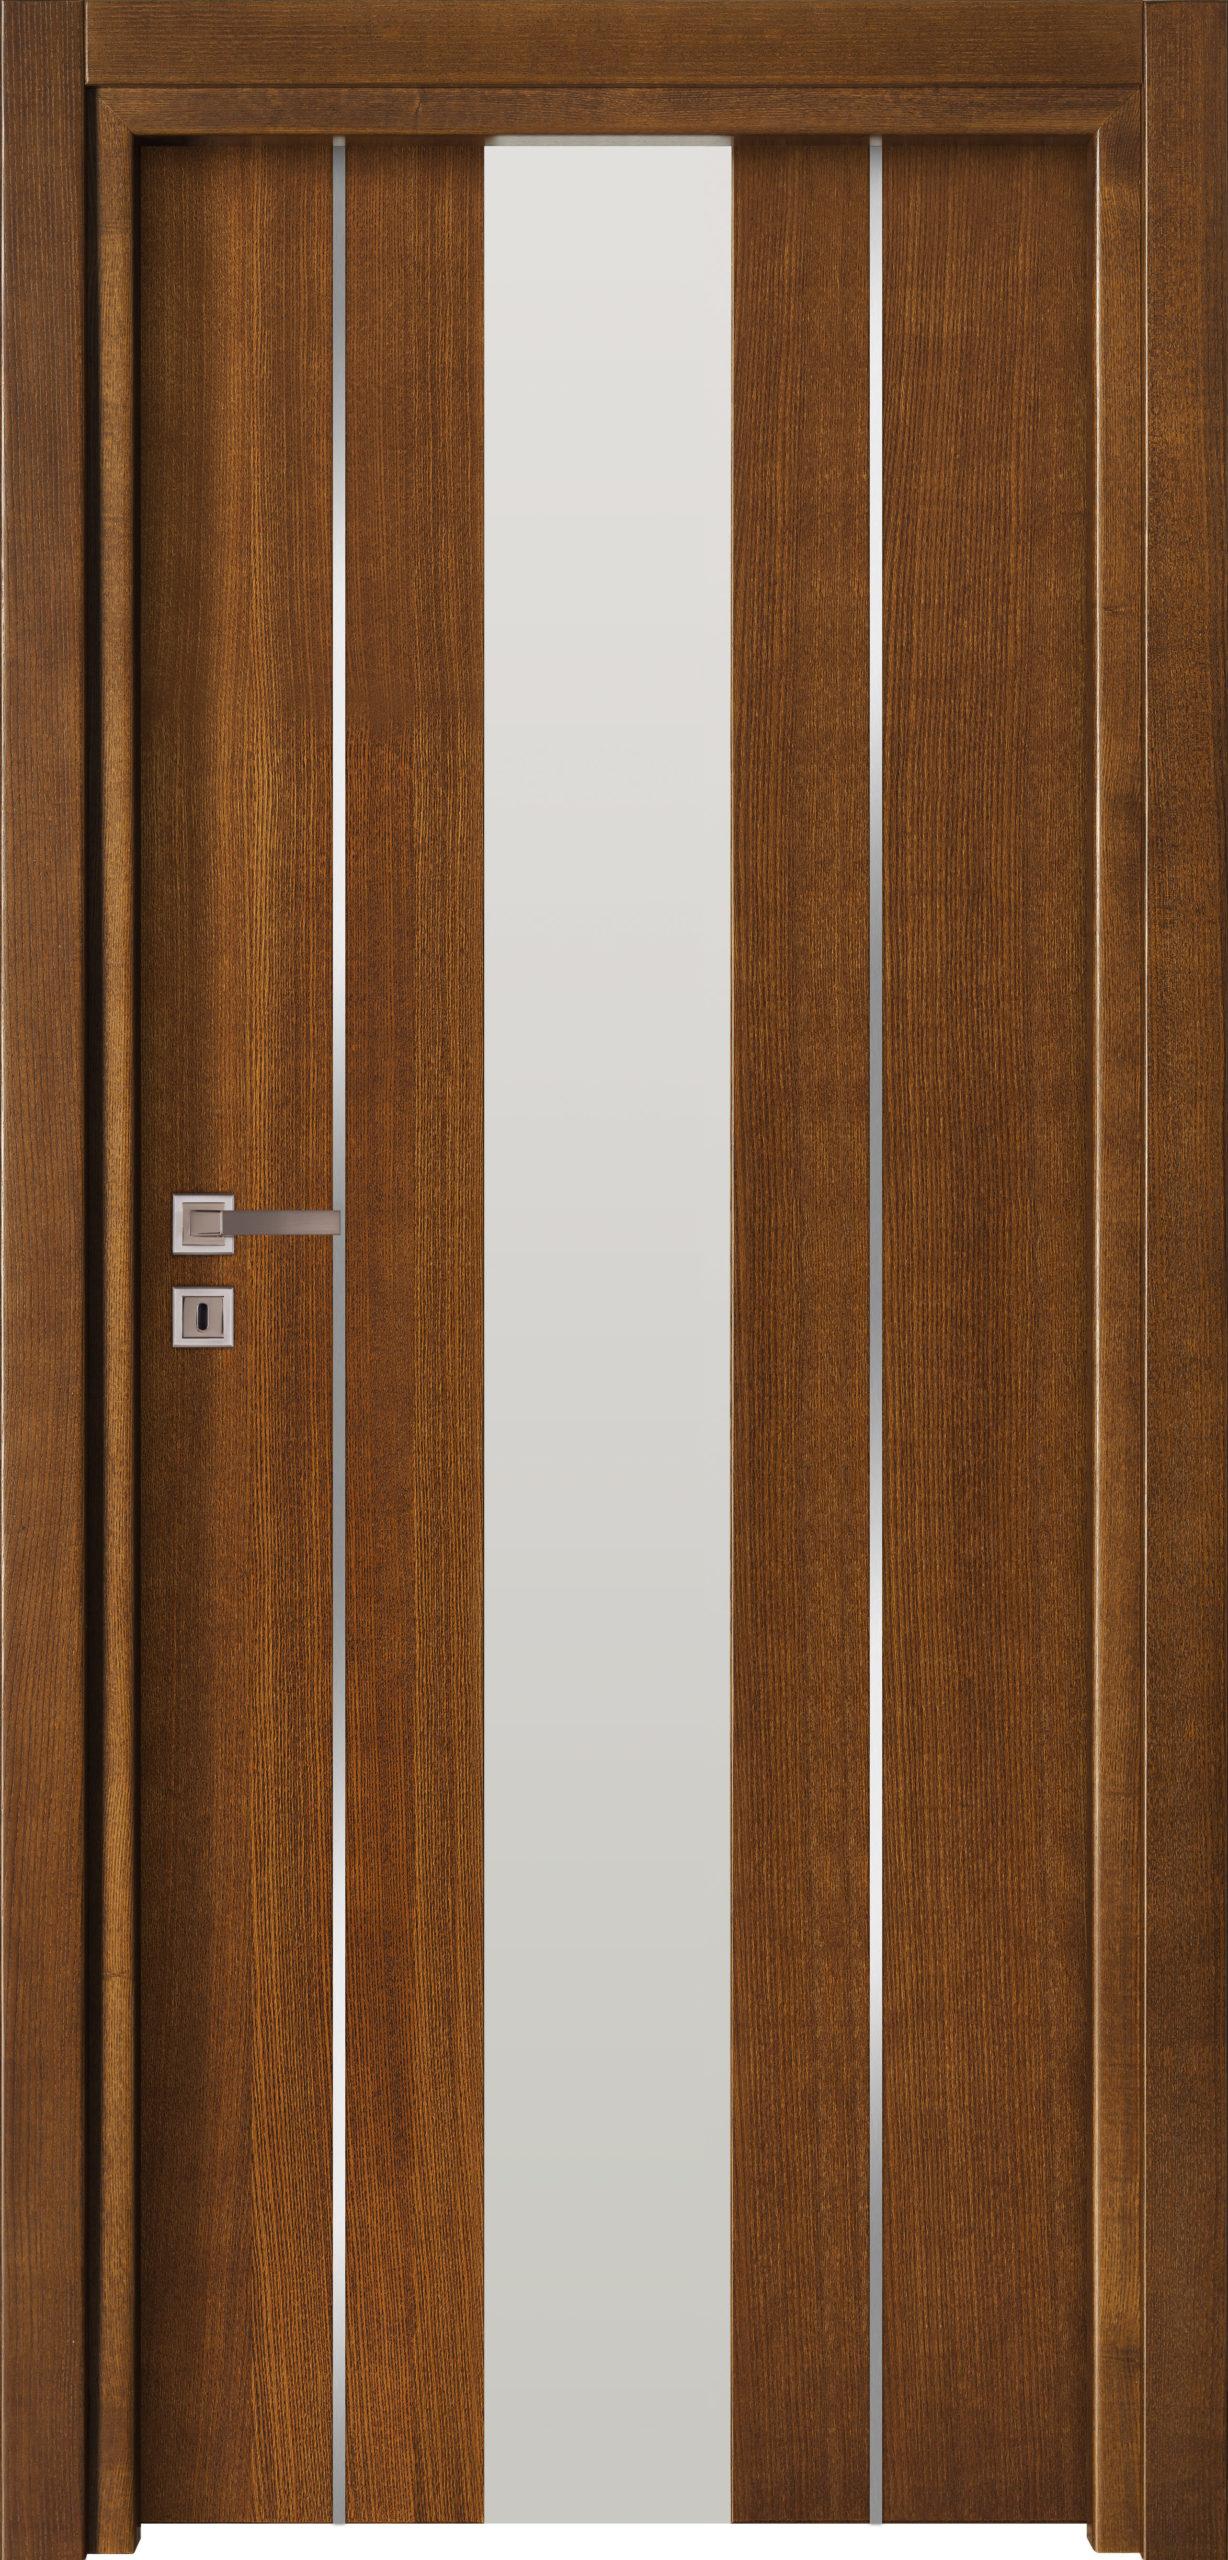 Focus A12 - jesion- jasny brunat - szklenie lacomat bezpieczny - ościeżnica przylgowa regulowana drewniana prosta (IIa)